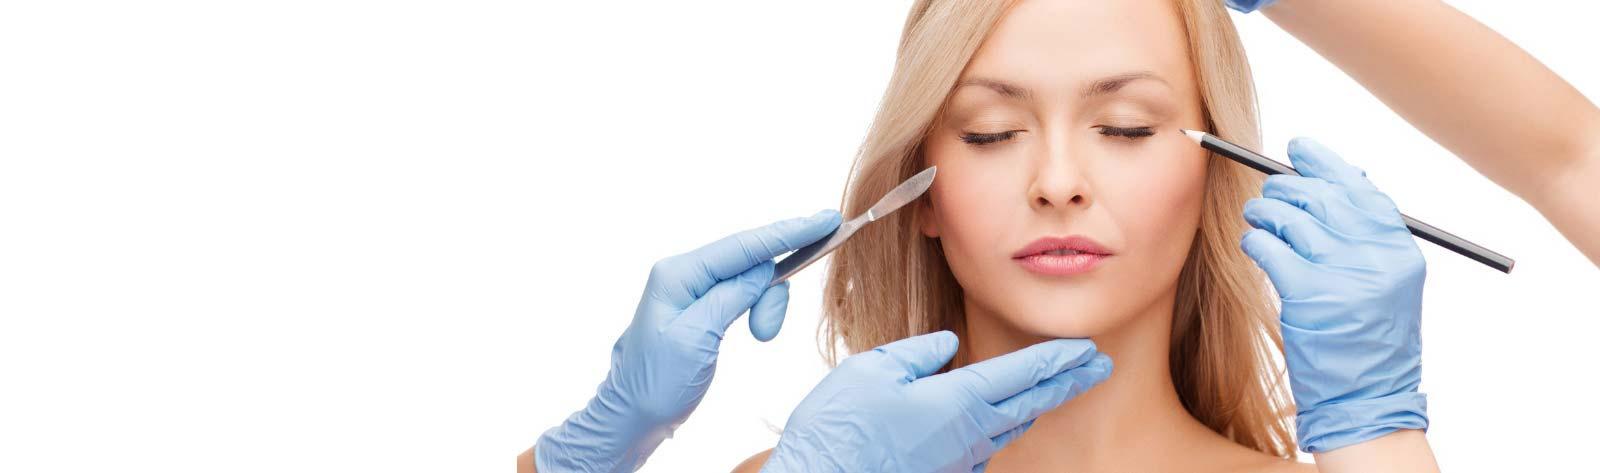 Skąd bierze się uzależnienie od operacji plastycznych?